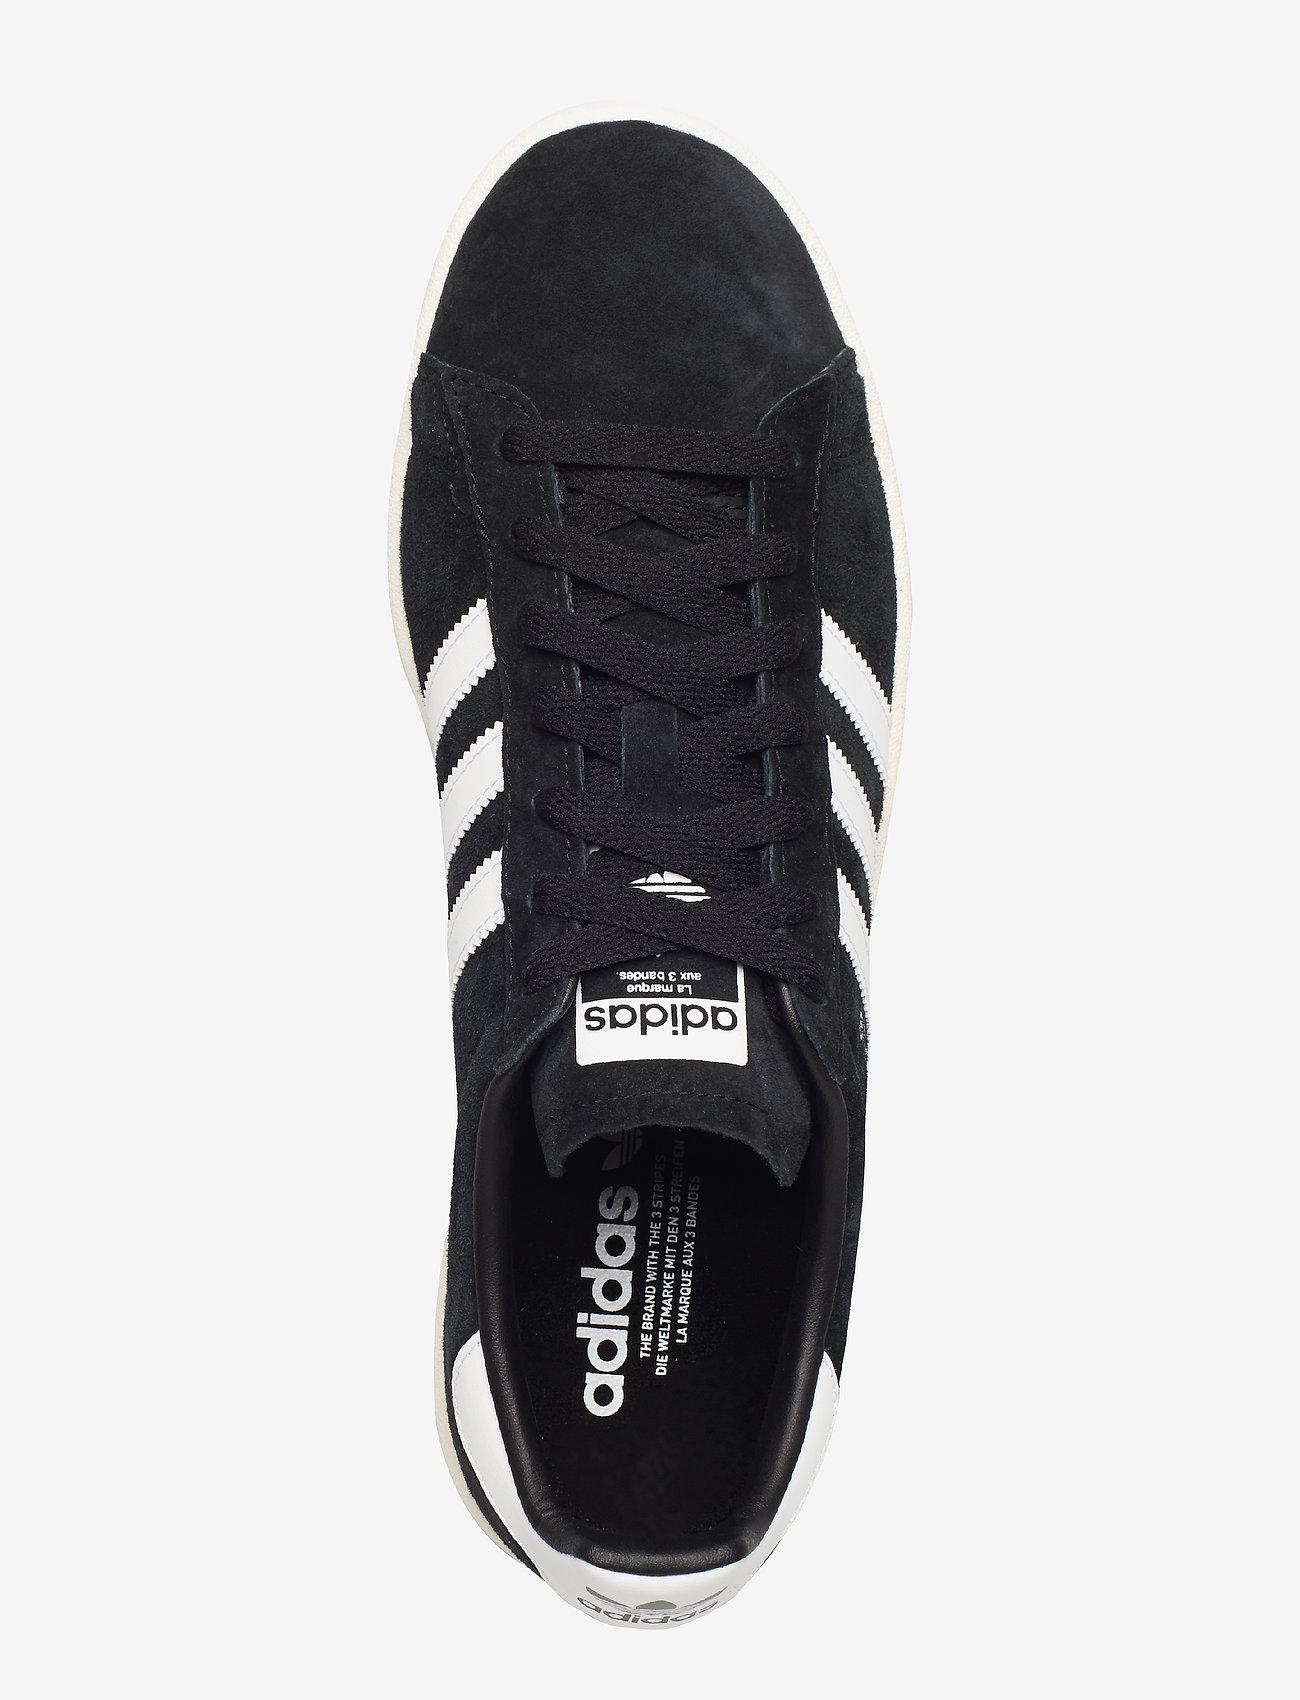 Campus (Cblack/ftwwht/cwhite) - adidas Originals